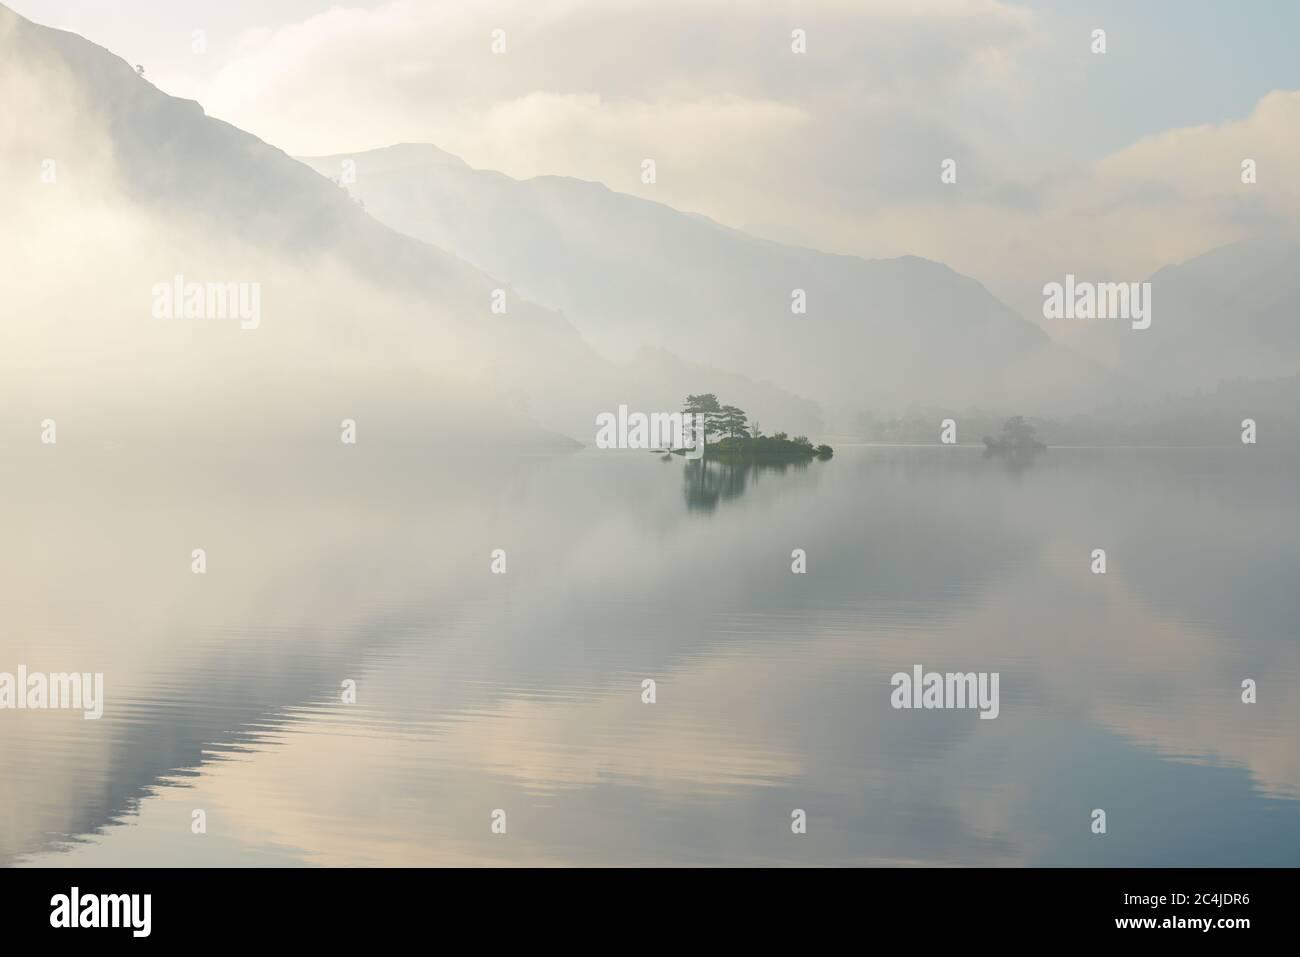 Isla aislada reflejada en UN tranquilo lago en UNA tranquila mañana de verano Misty. Lake District, Reino Unido. Foto de stock